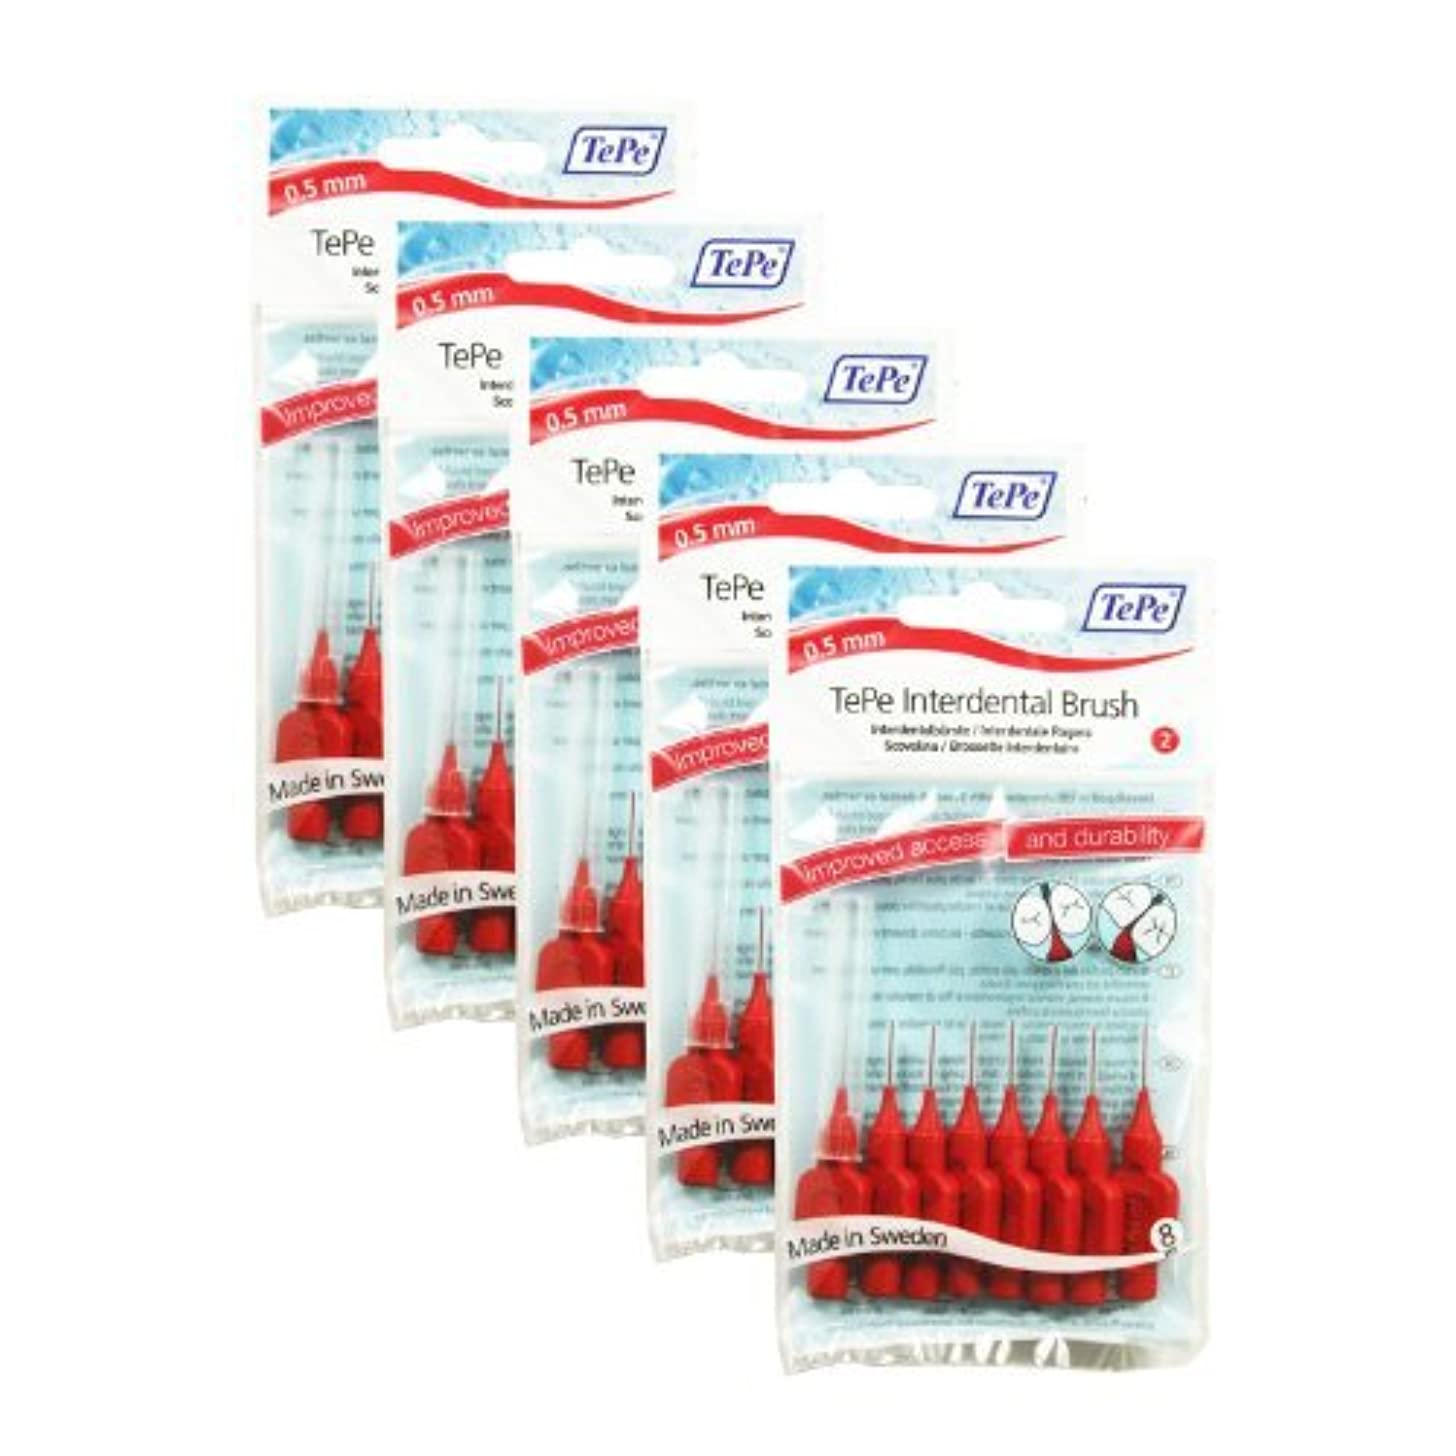 続ける牧師約設定TePe Interdental Brushes RED 0.55 mm - 40 Brushes (5 Packs of 8) by TePe